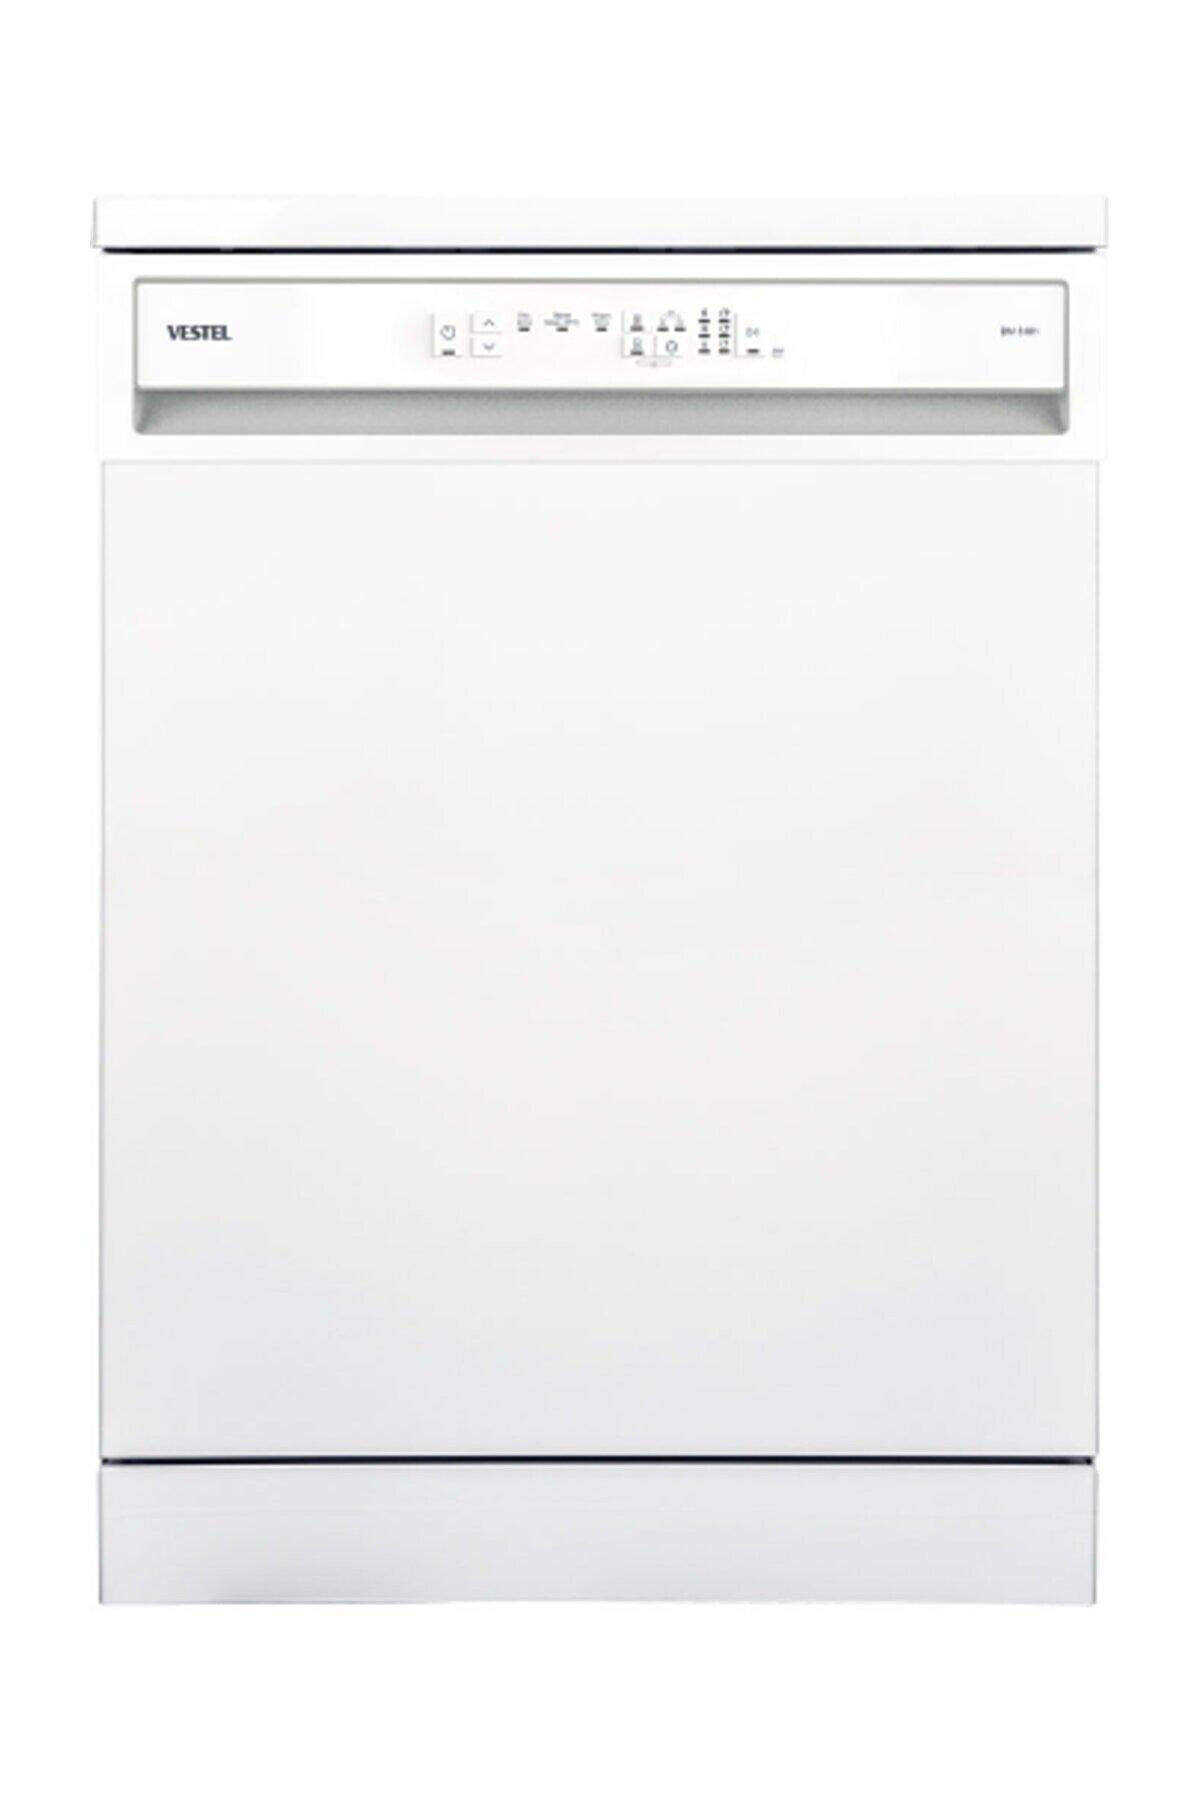 VESTEL BM 3101 3 Programlı Bulaşık Makinesi